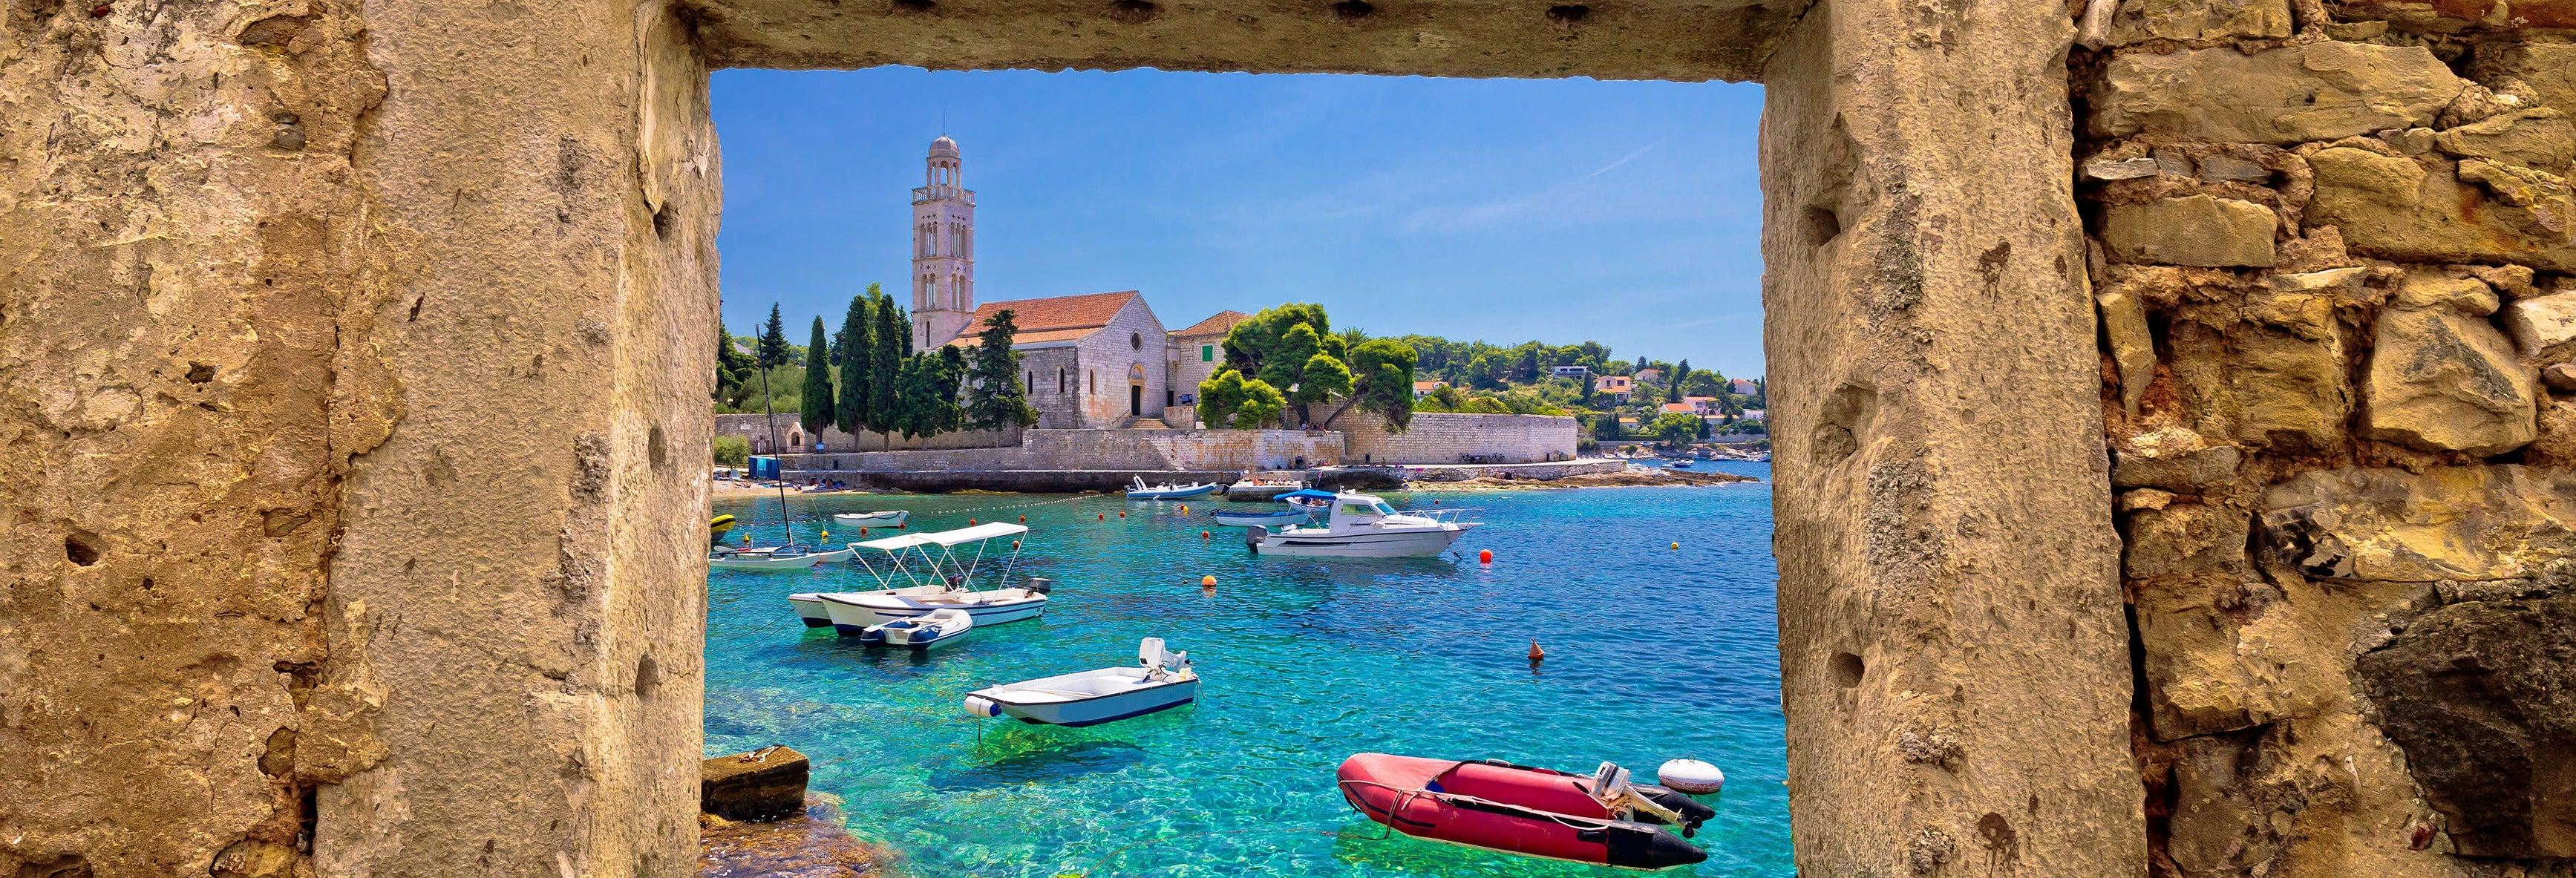 Excursion à la Grotte Bleue en bateau